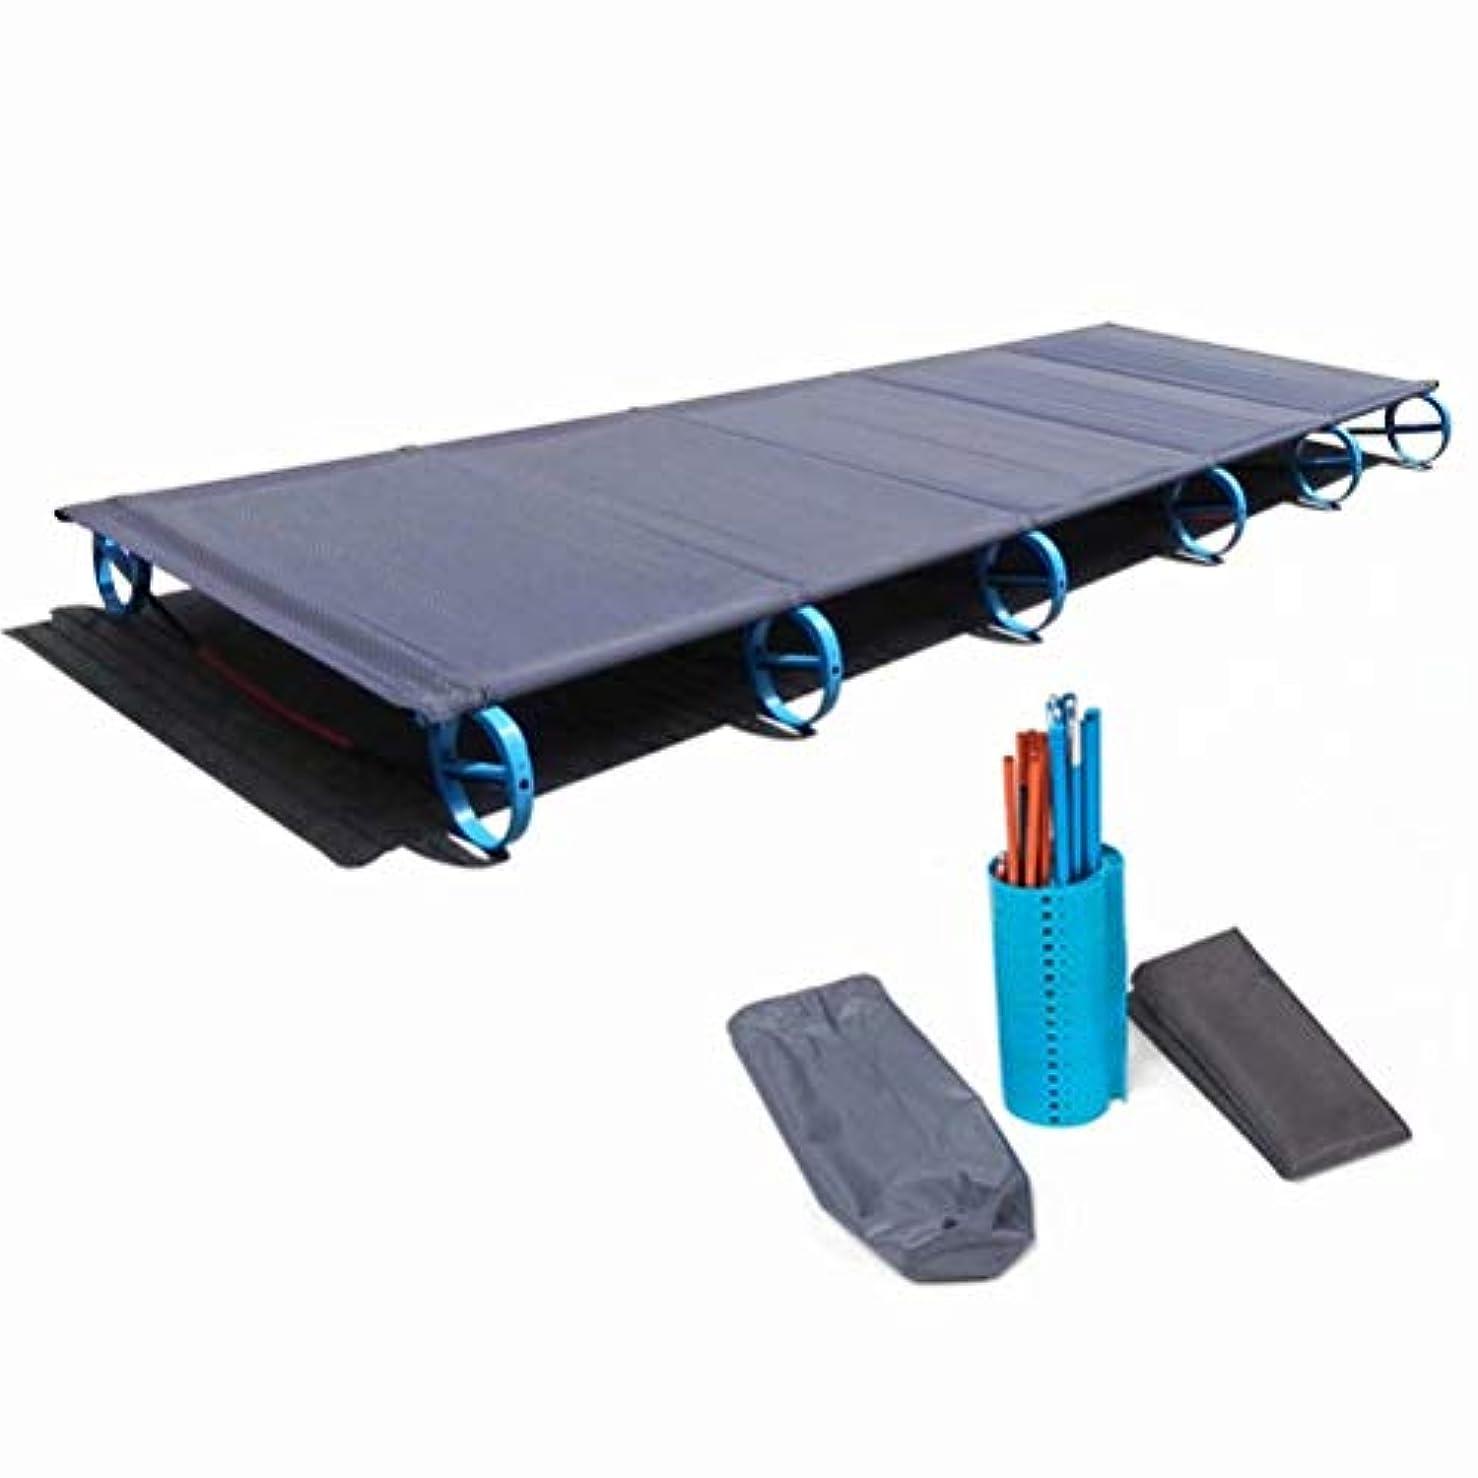 アレイ間違いに沿ってコット 簡易ベッド アウトドアベッド キャンプコット キャンプベッド 折りたたみ式 超軽量 防水 通気 コンパクト アウトドア